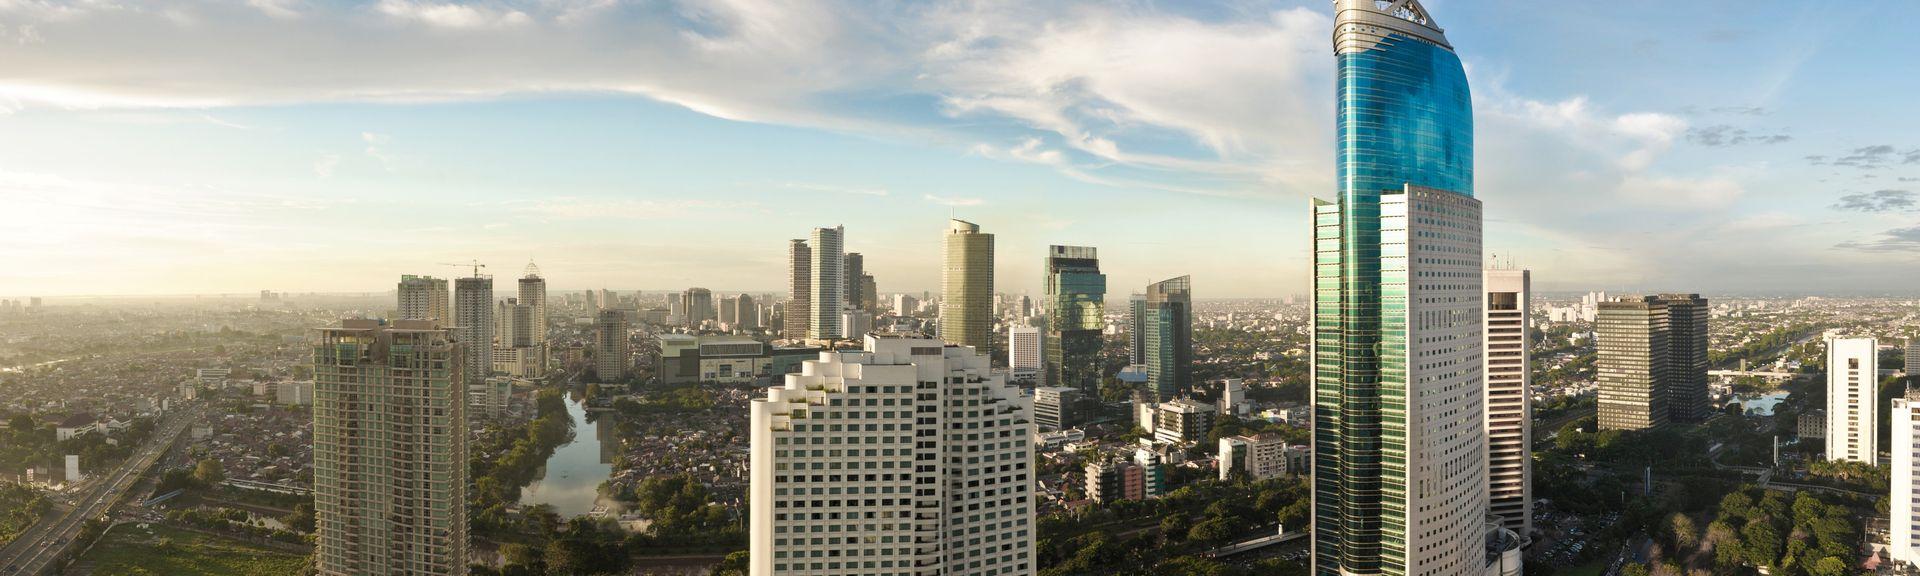 Yakarta, Yakarta, Indonesia